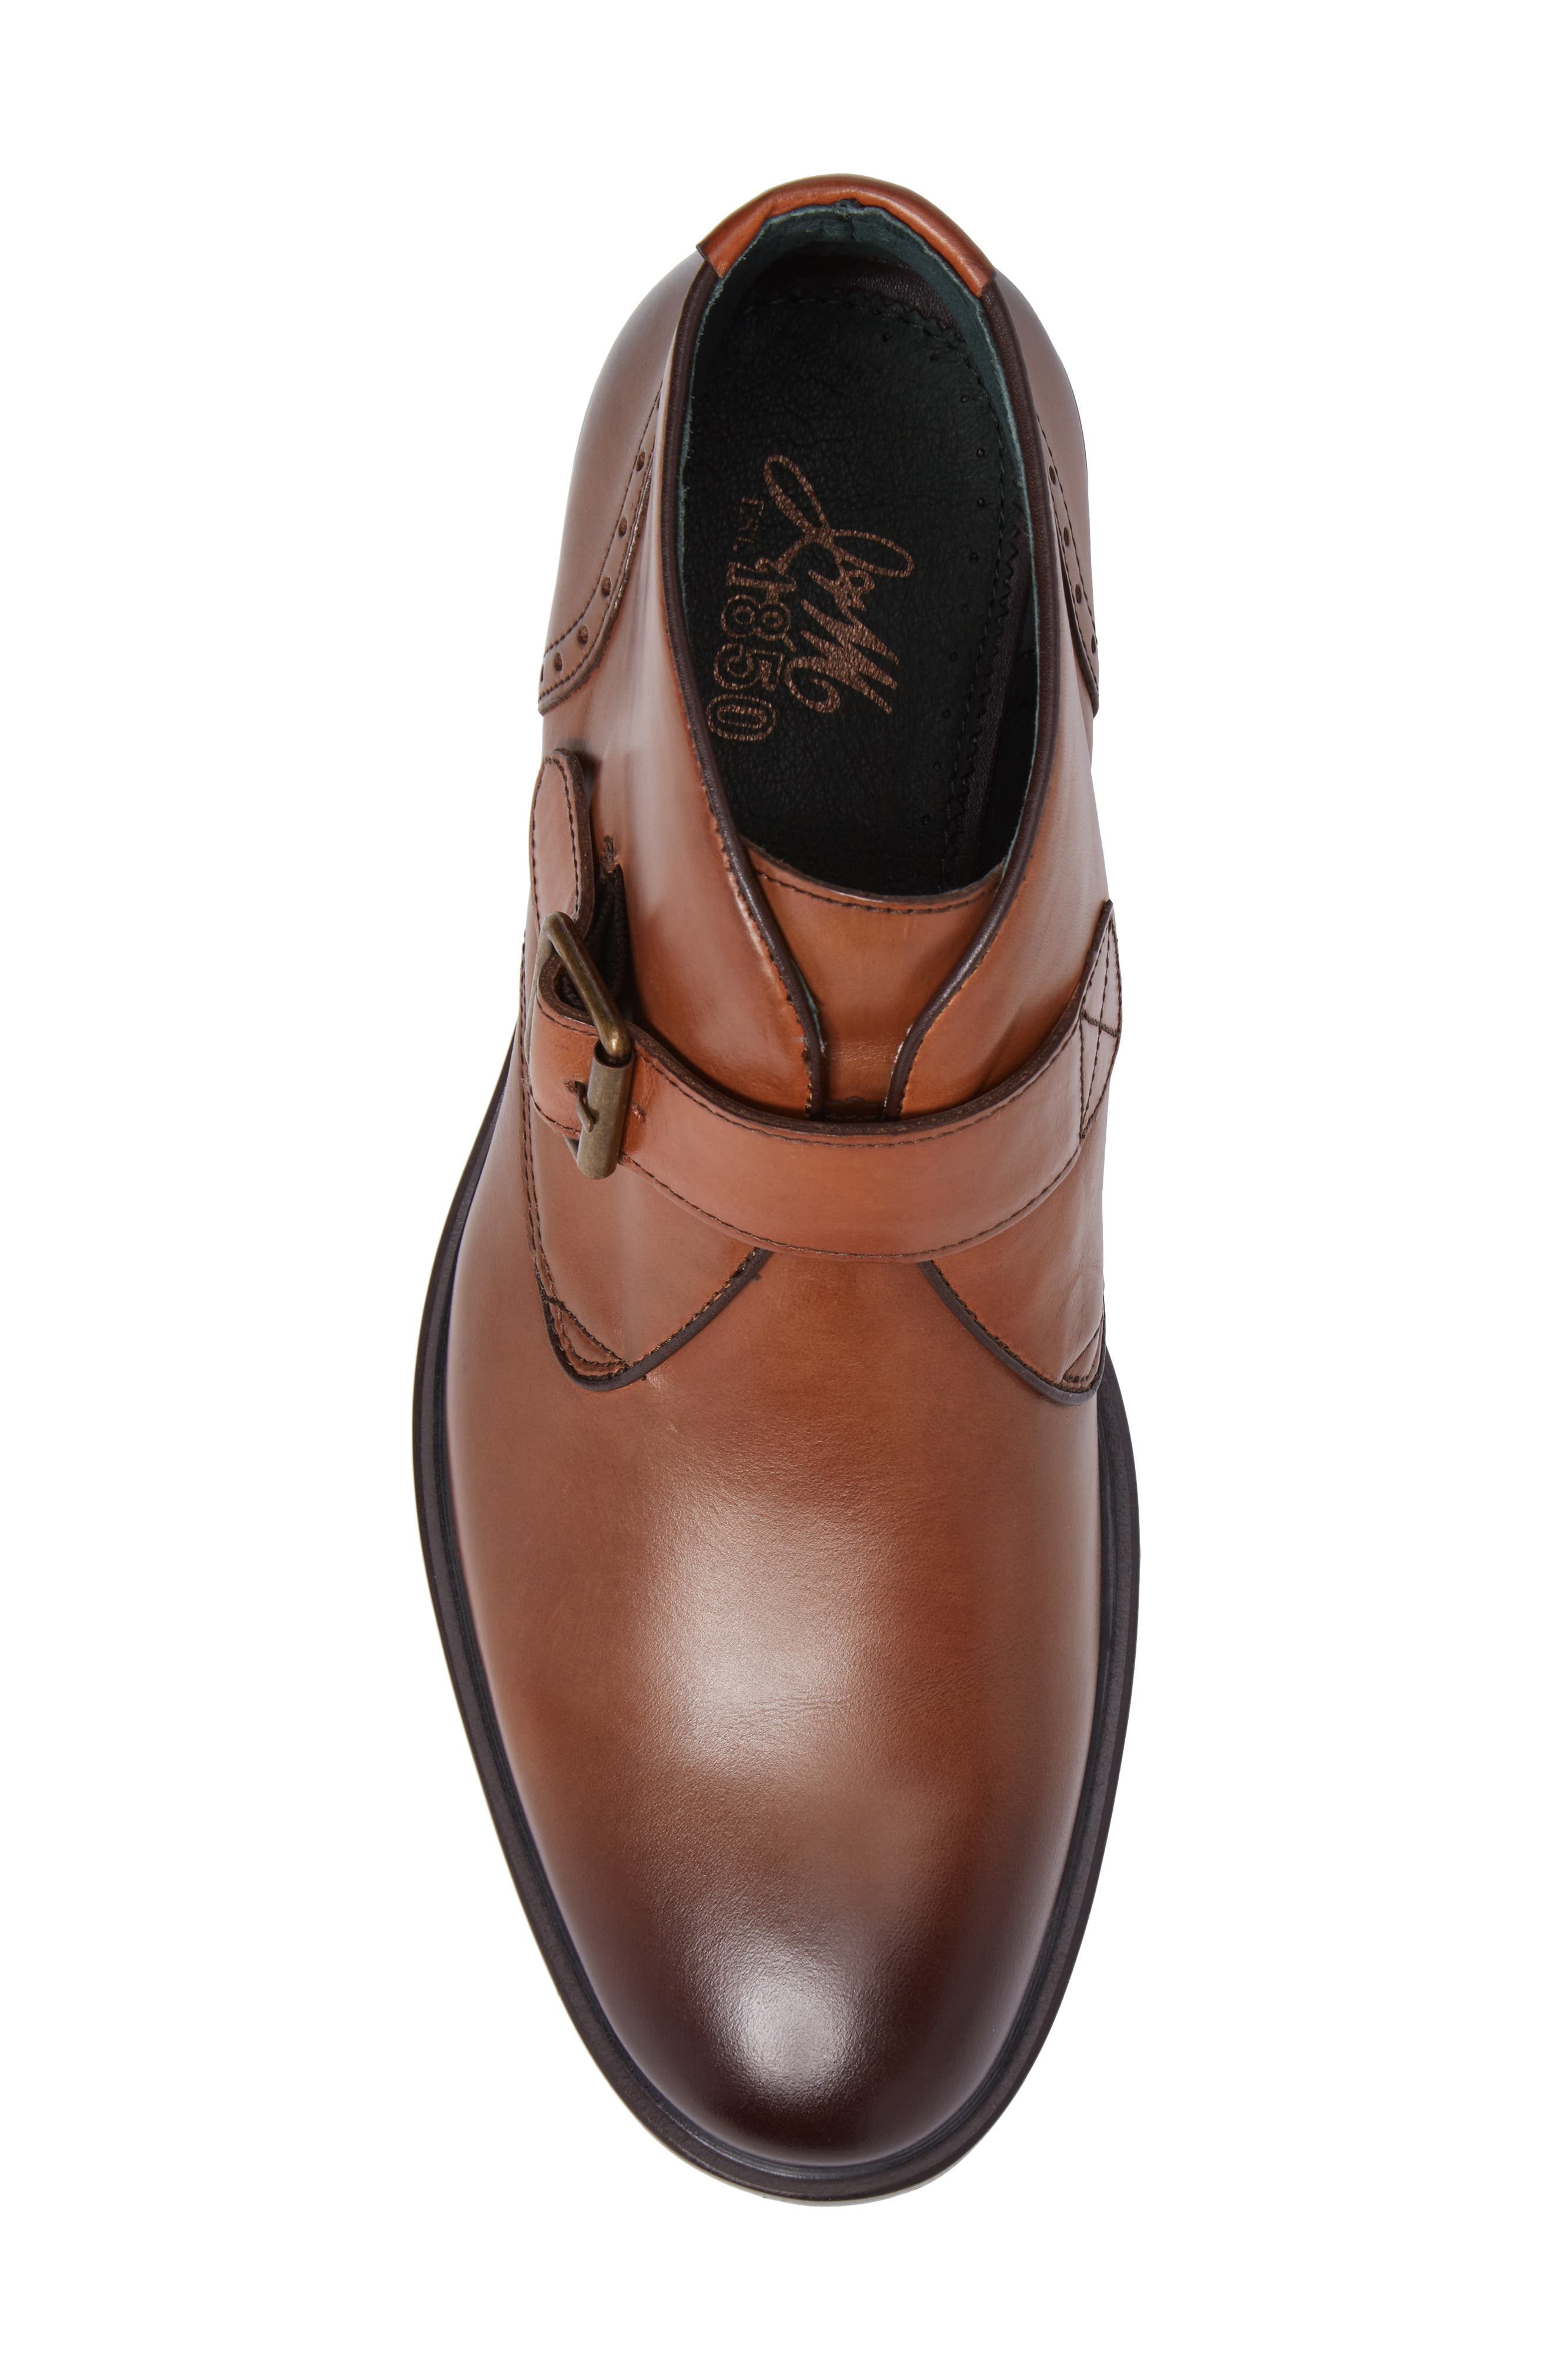 Myles Monk Strap Boot,                             Alternate thumbnail 5, color,                             Cognac Leather